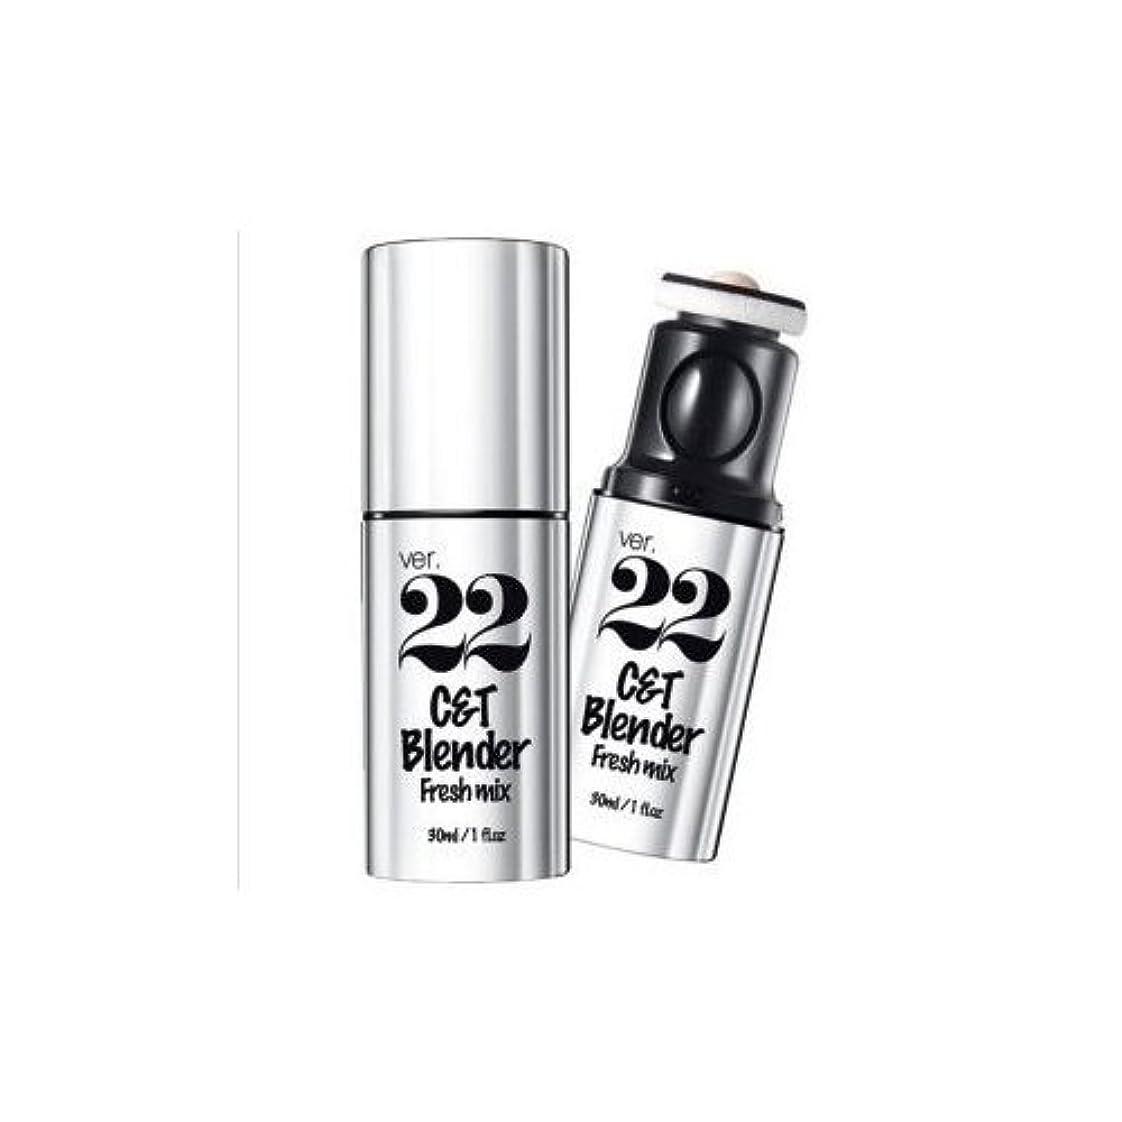 コピー恐怖症作りchosungah22 C&T Blender Fresh Mix 30ml, Capsule Foundation, #01, Korean Cosmetics